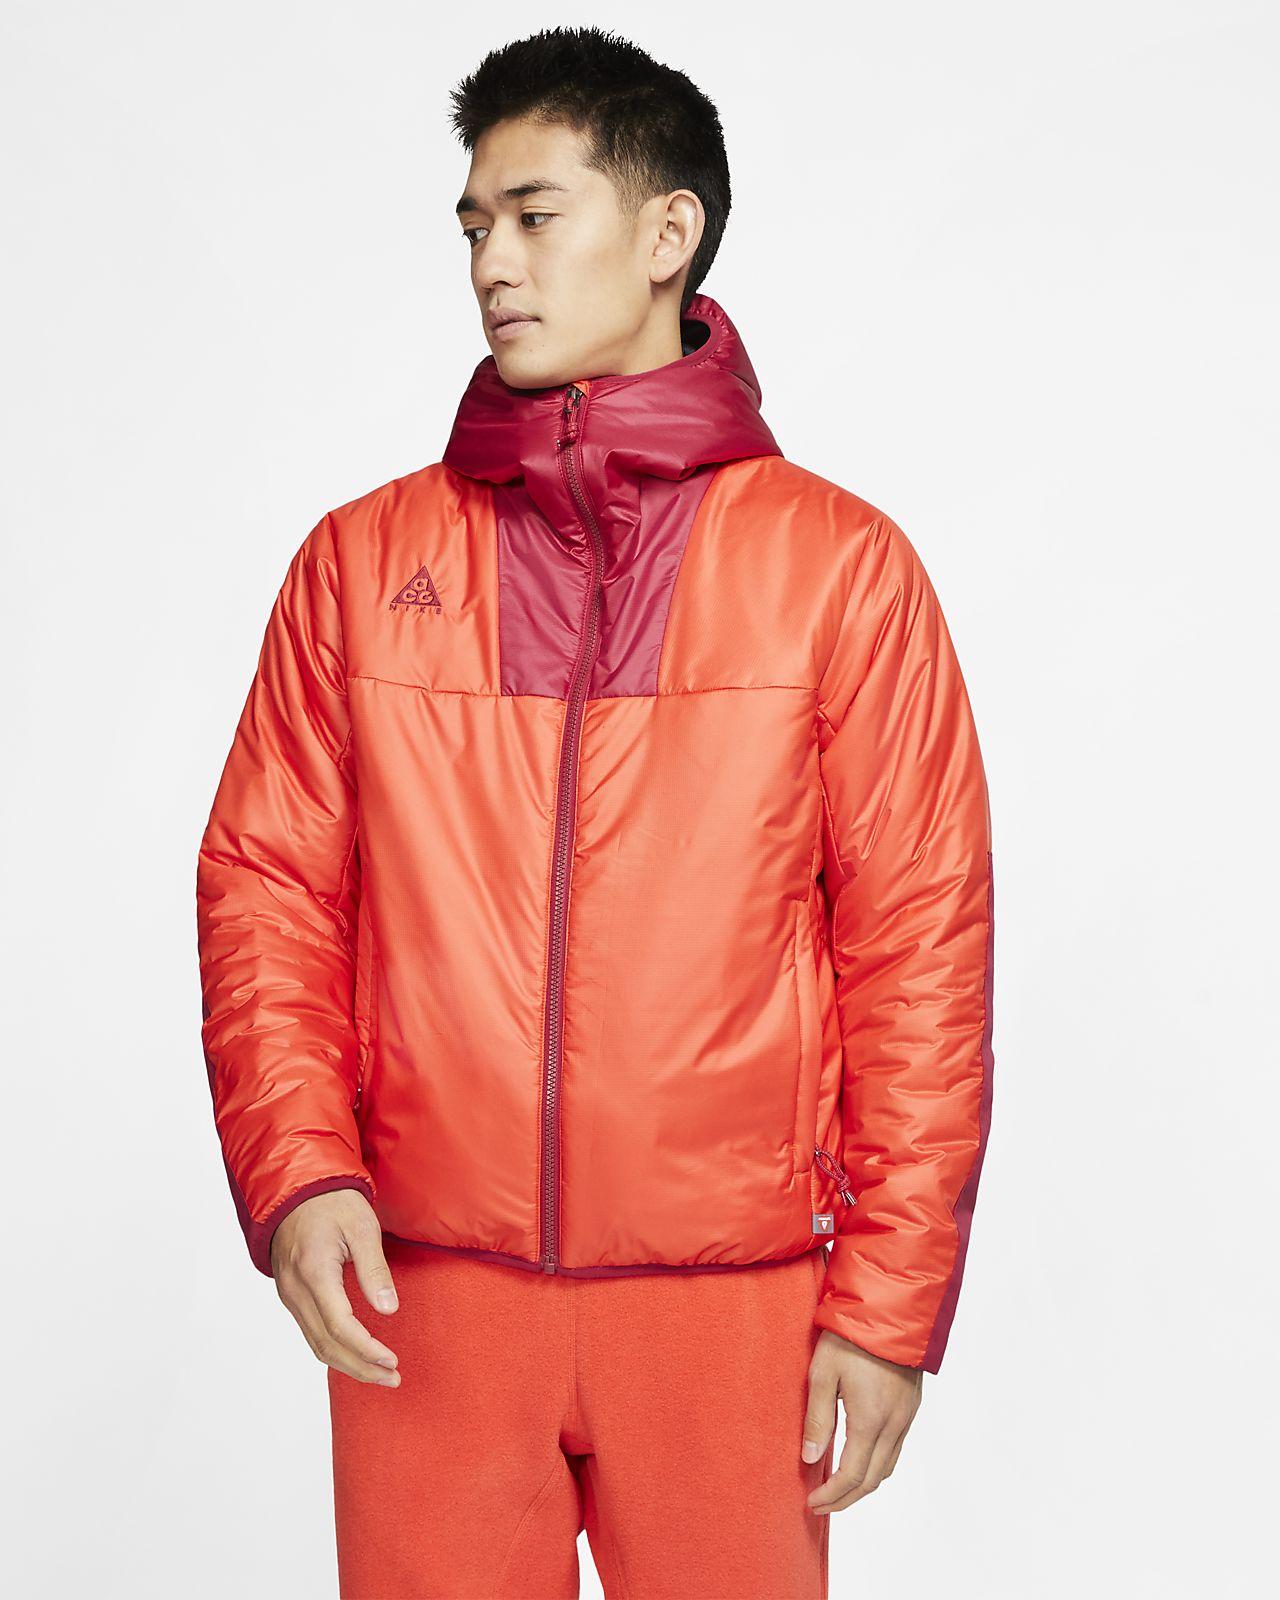 Bunda s kapucí Nike ACG PrimaLoft®